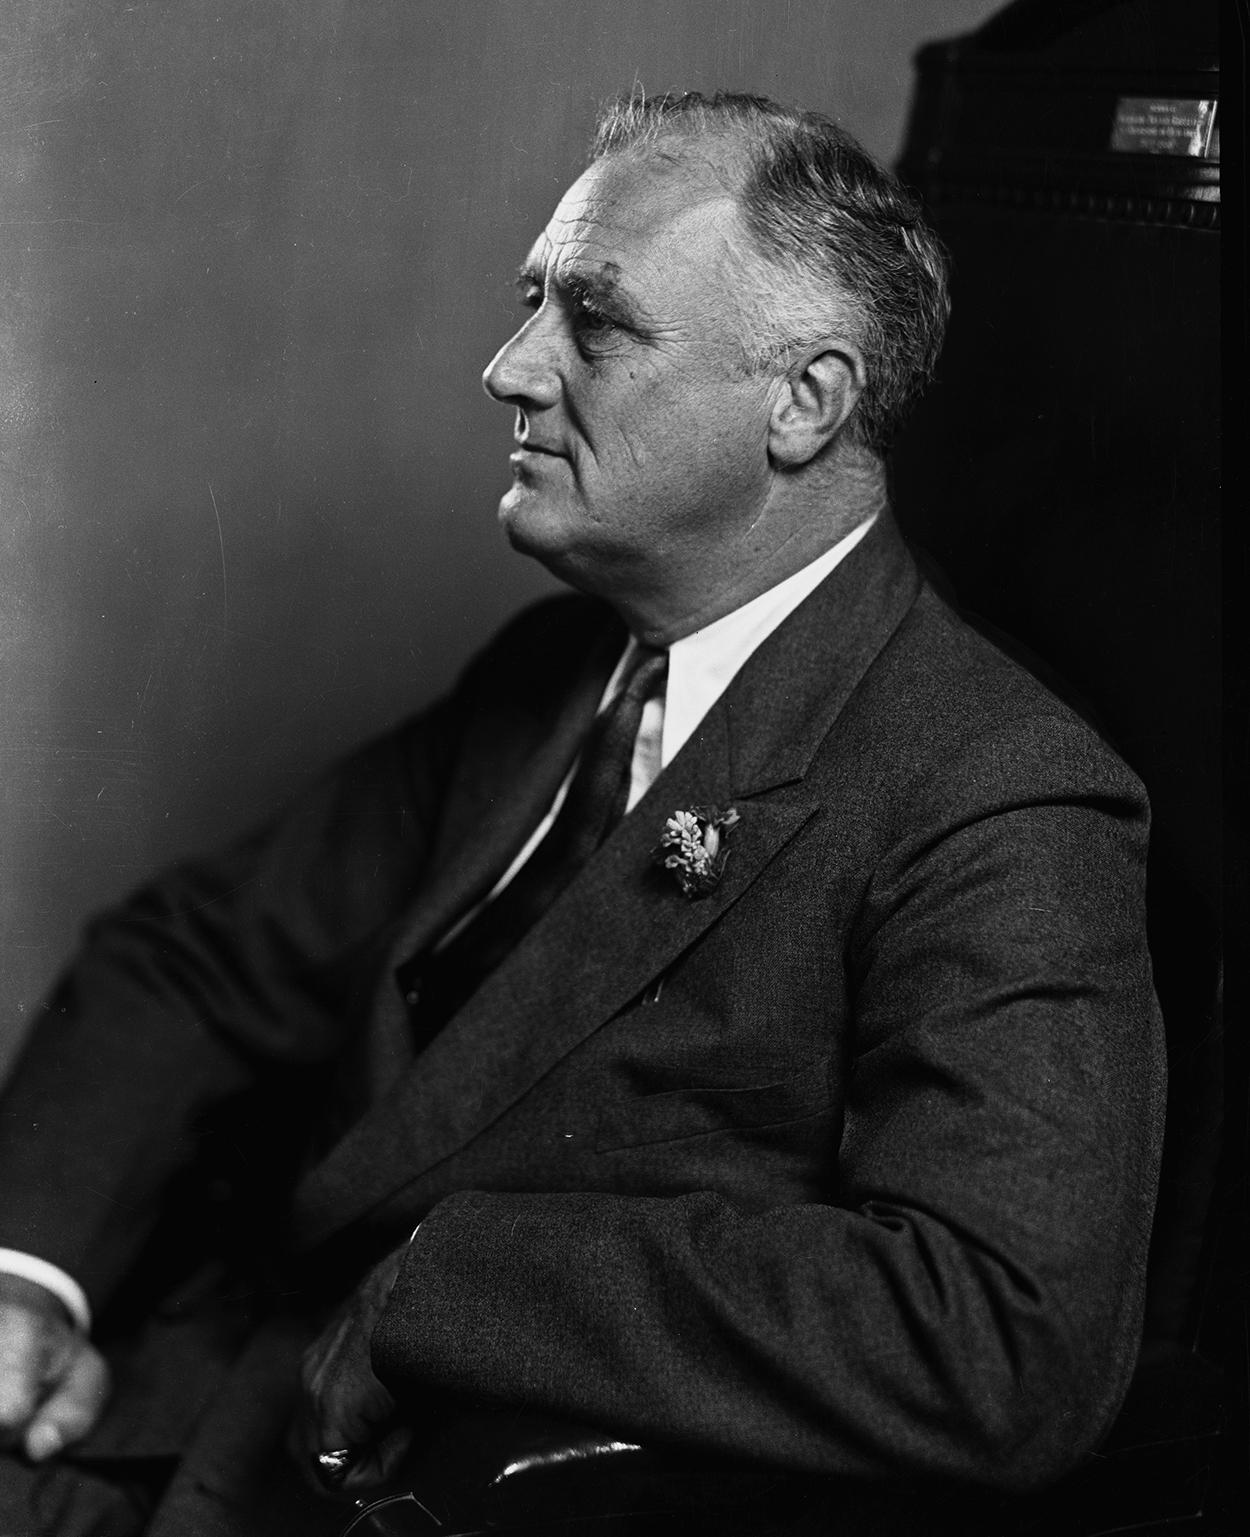 Profile of President Franklin Roosevelt